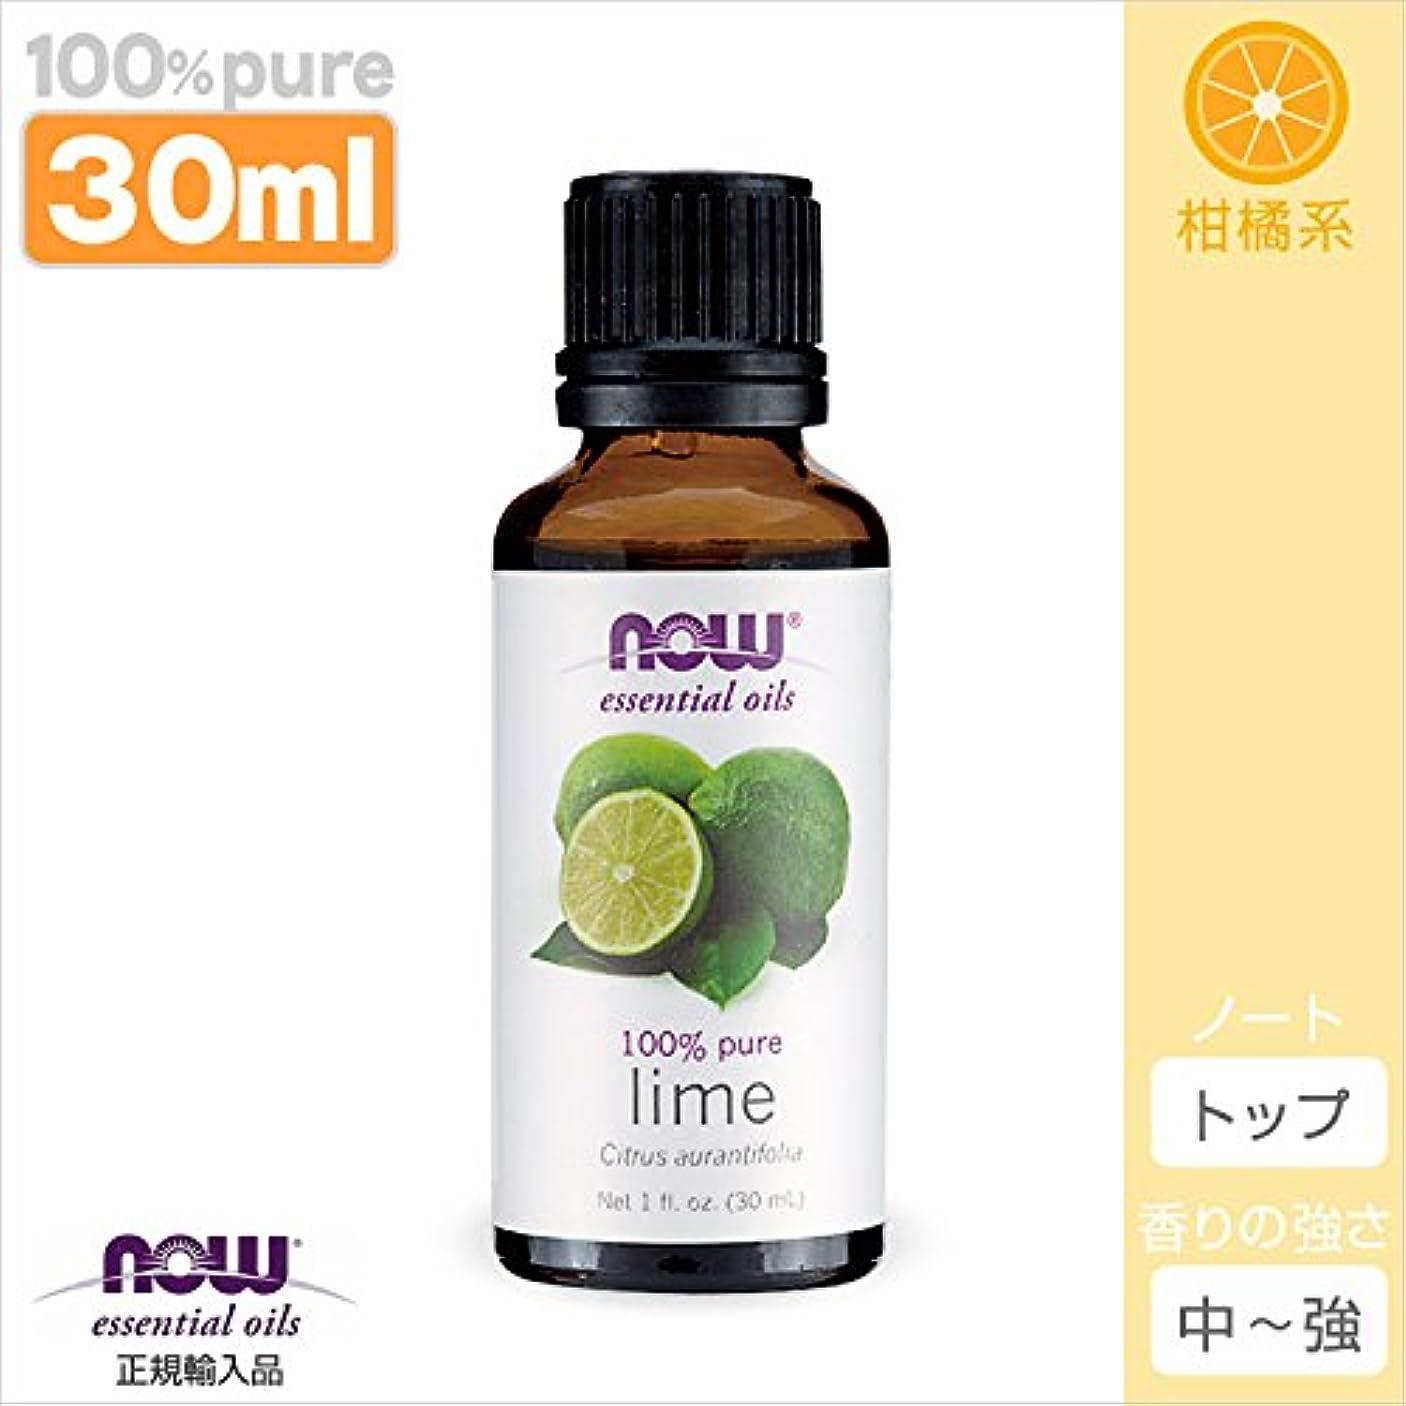 ぶどうリラックスした時計回りライム精油[30ml] 【正規輸入品】 NOWエッセンシャルオイル(アロマオイル)